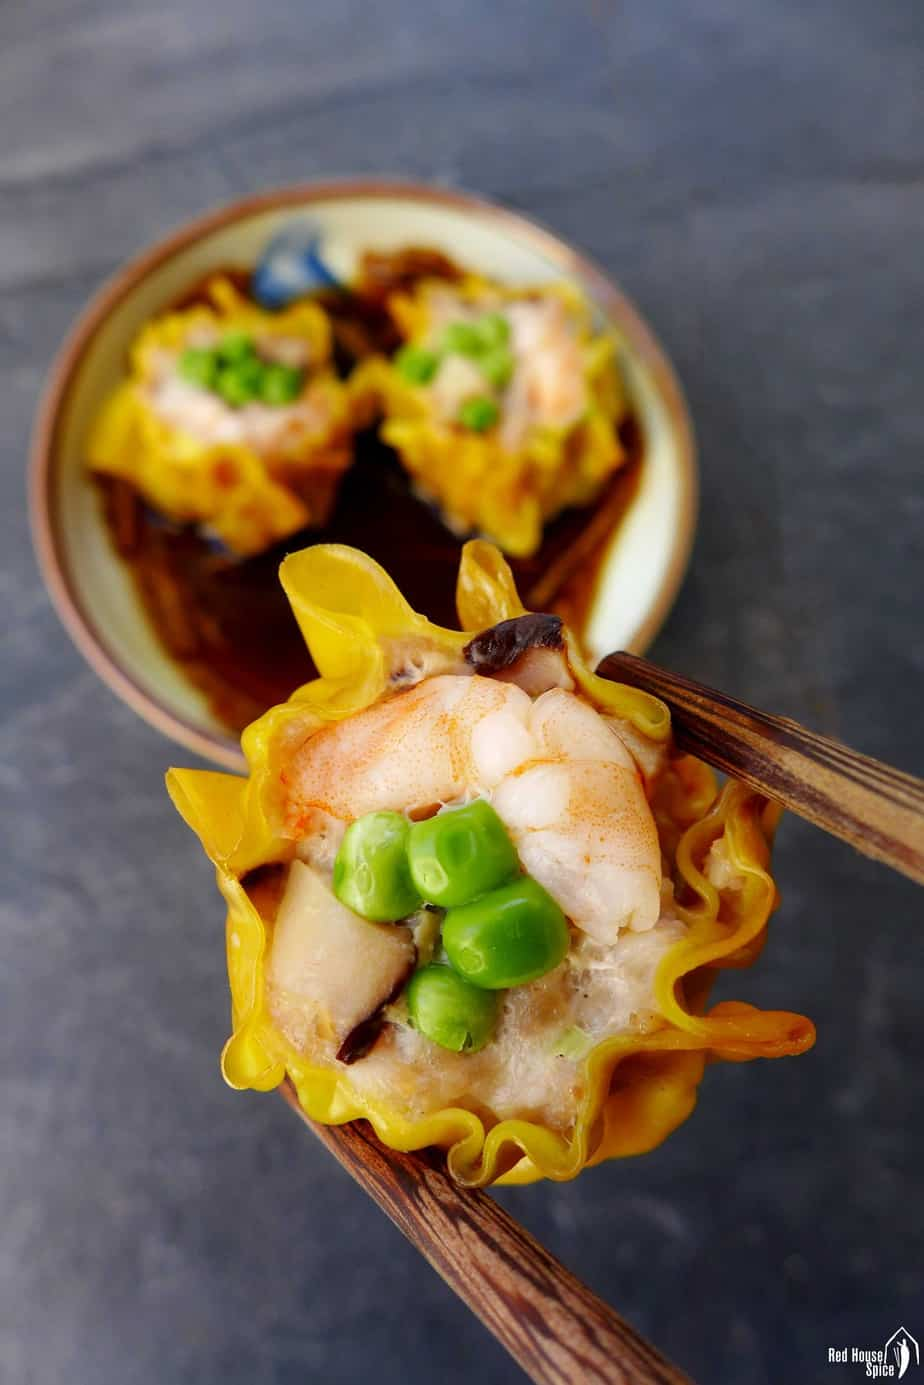 A shrimp & pork shumai held by a pair of chopsticks.